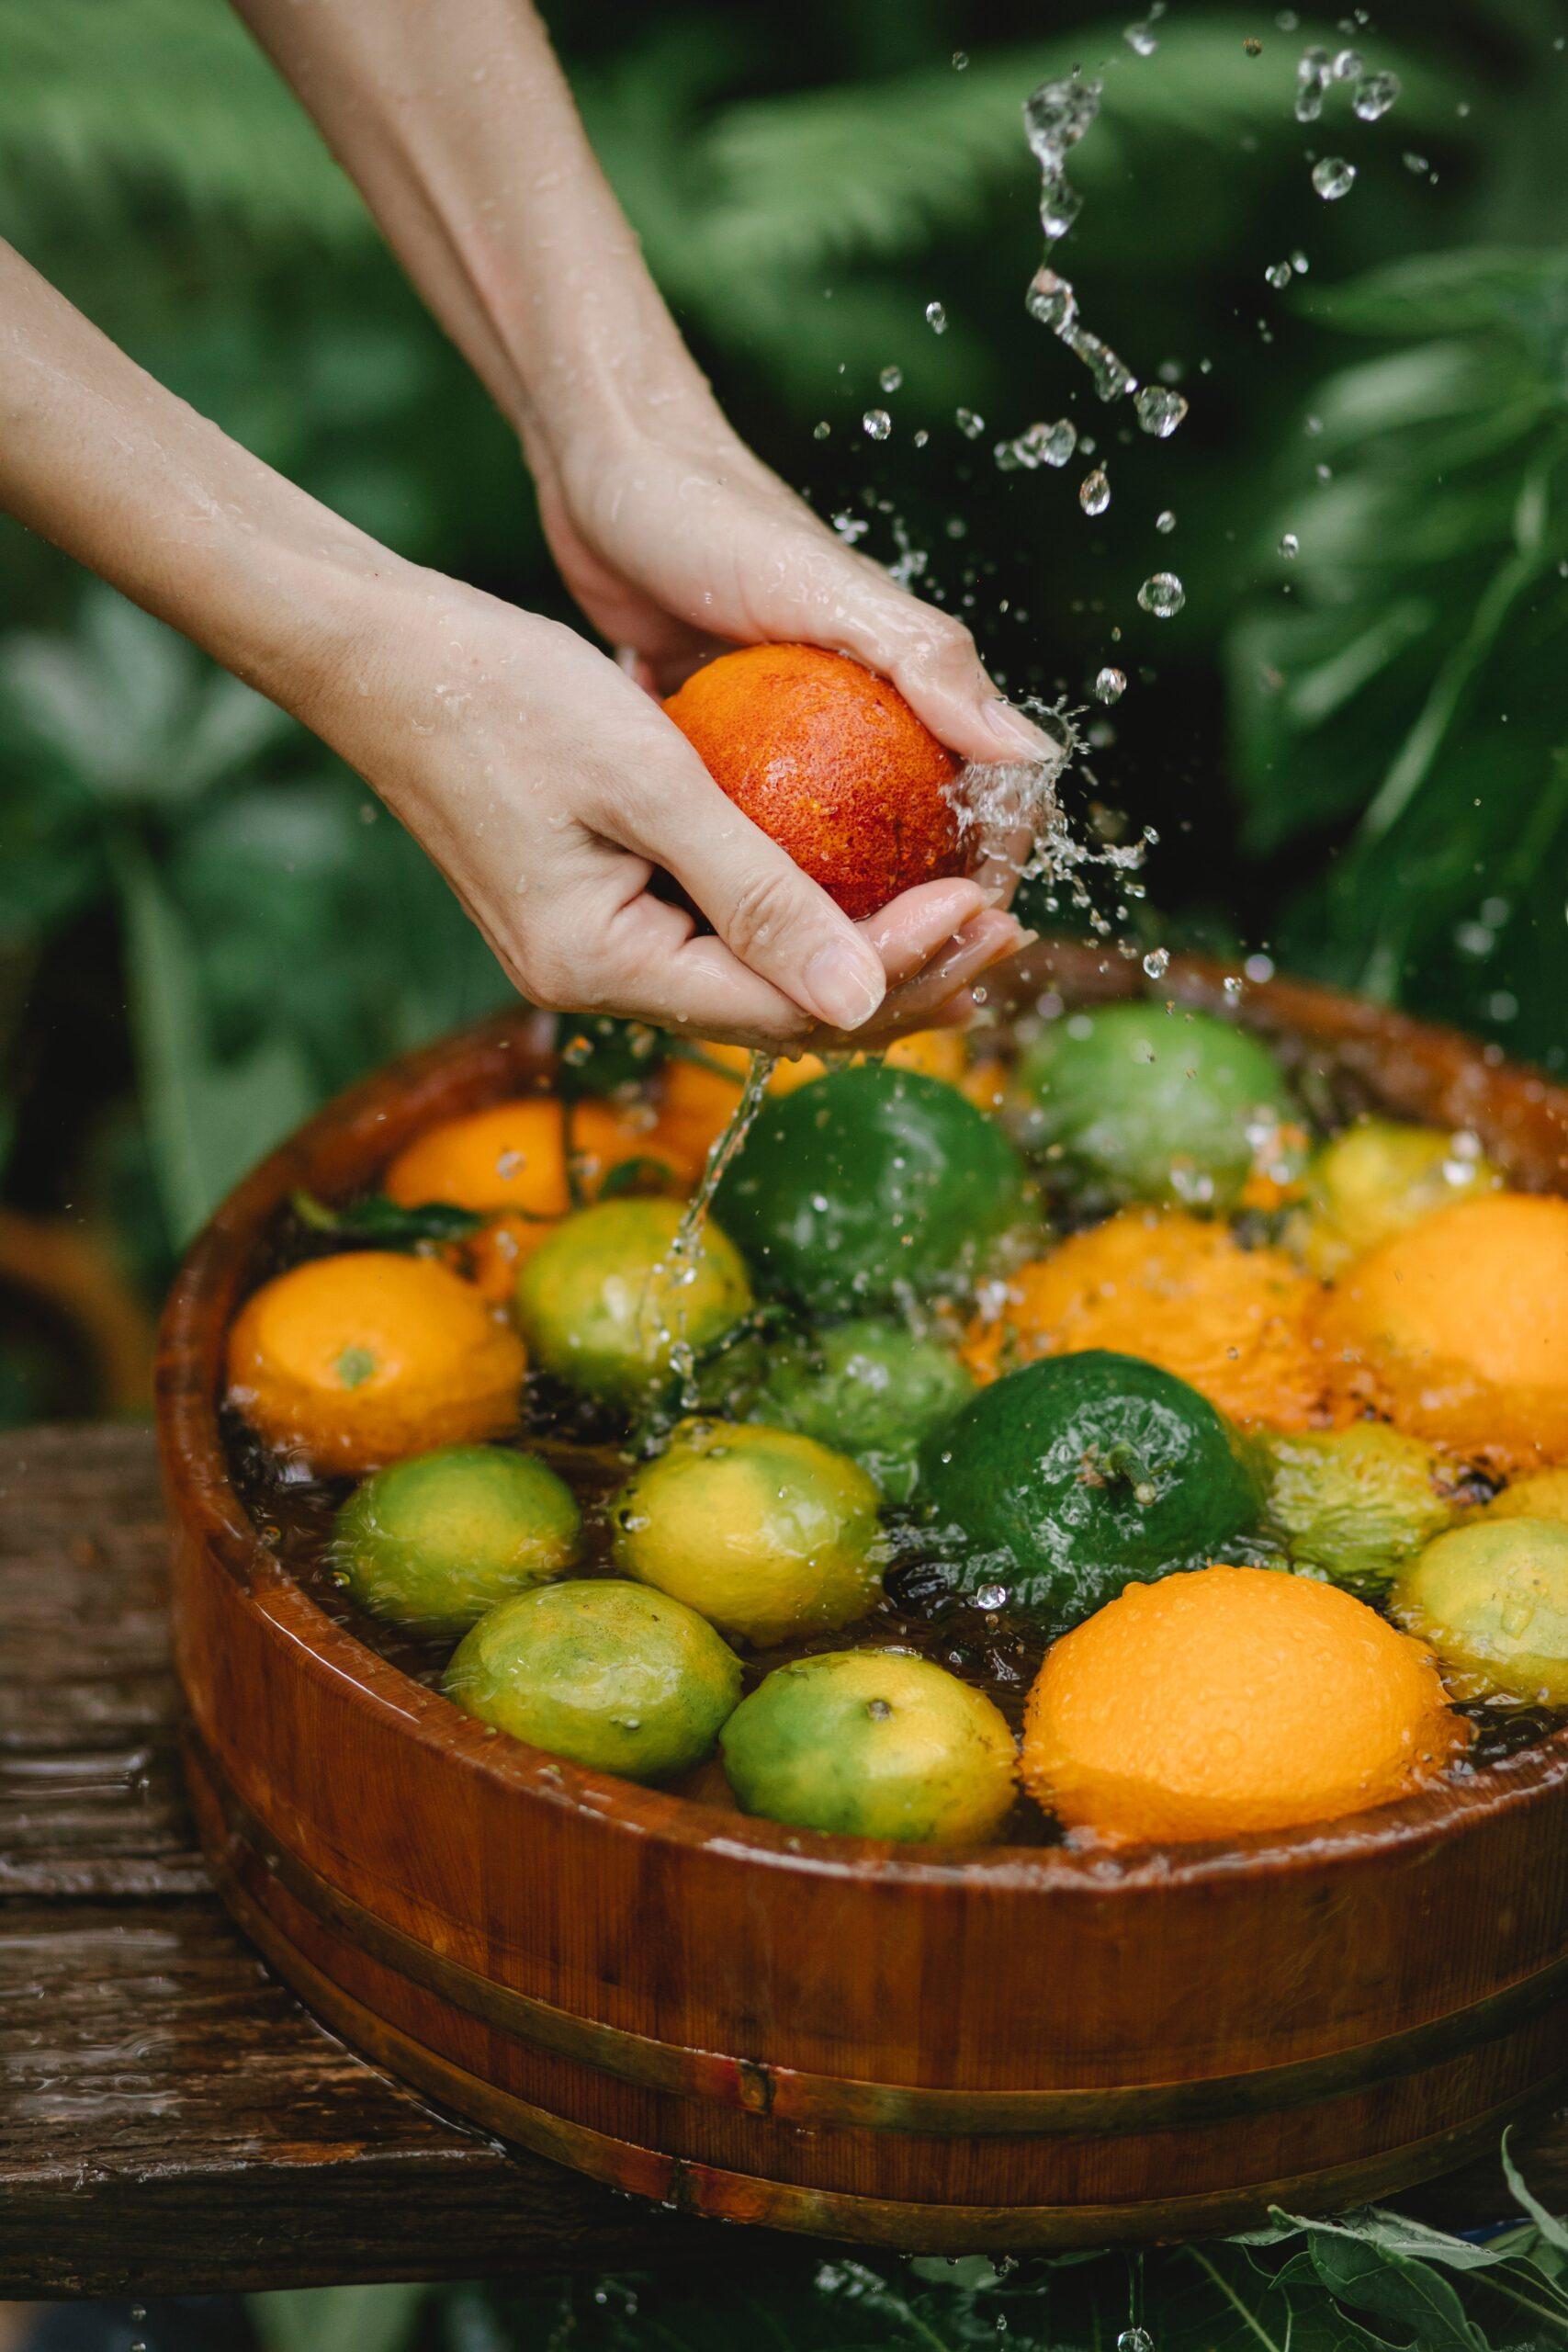 شستشوی مواد غذایی